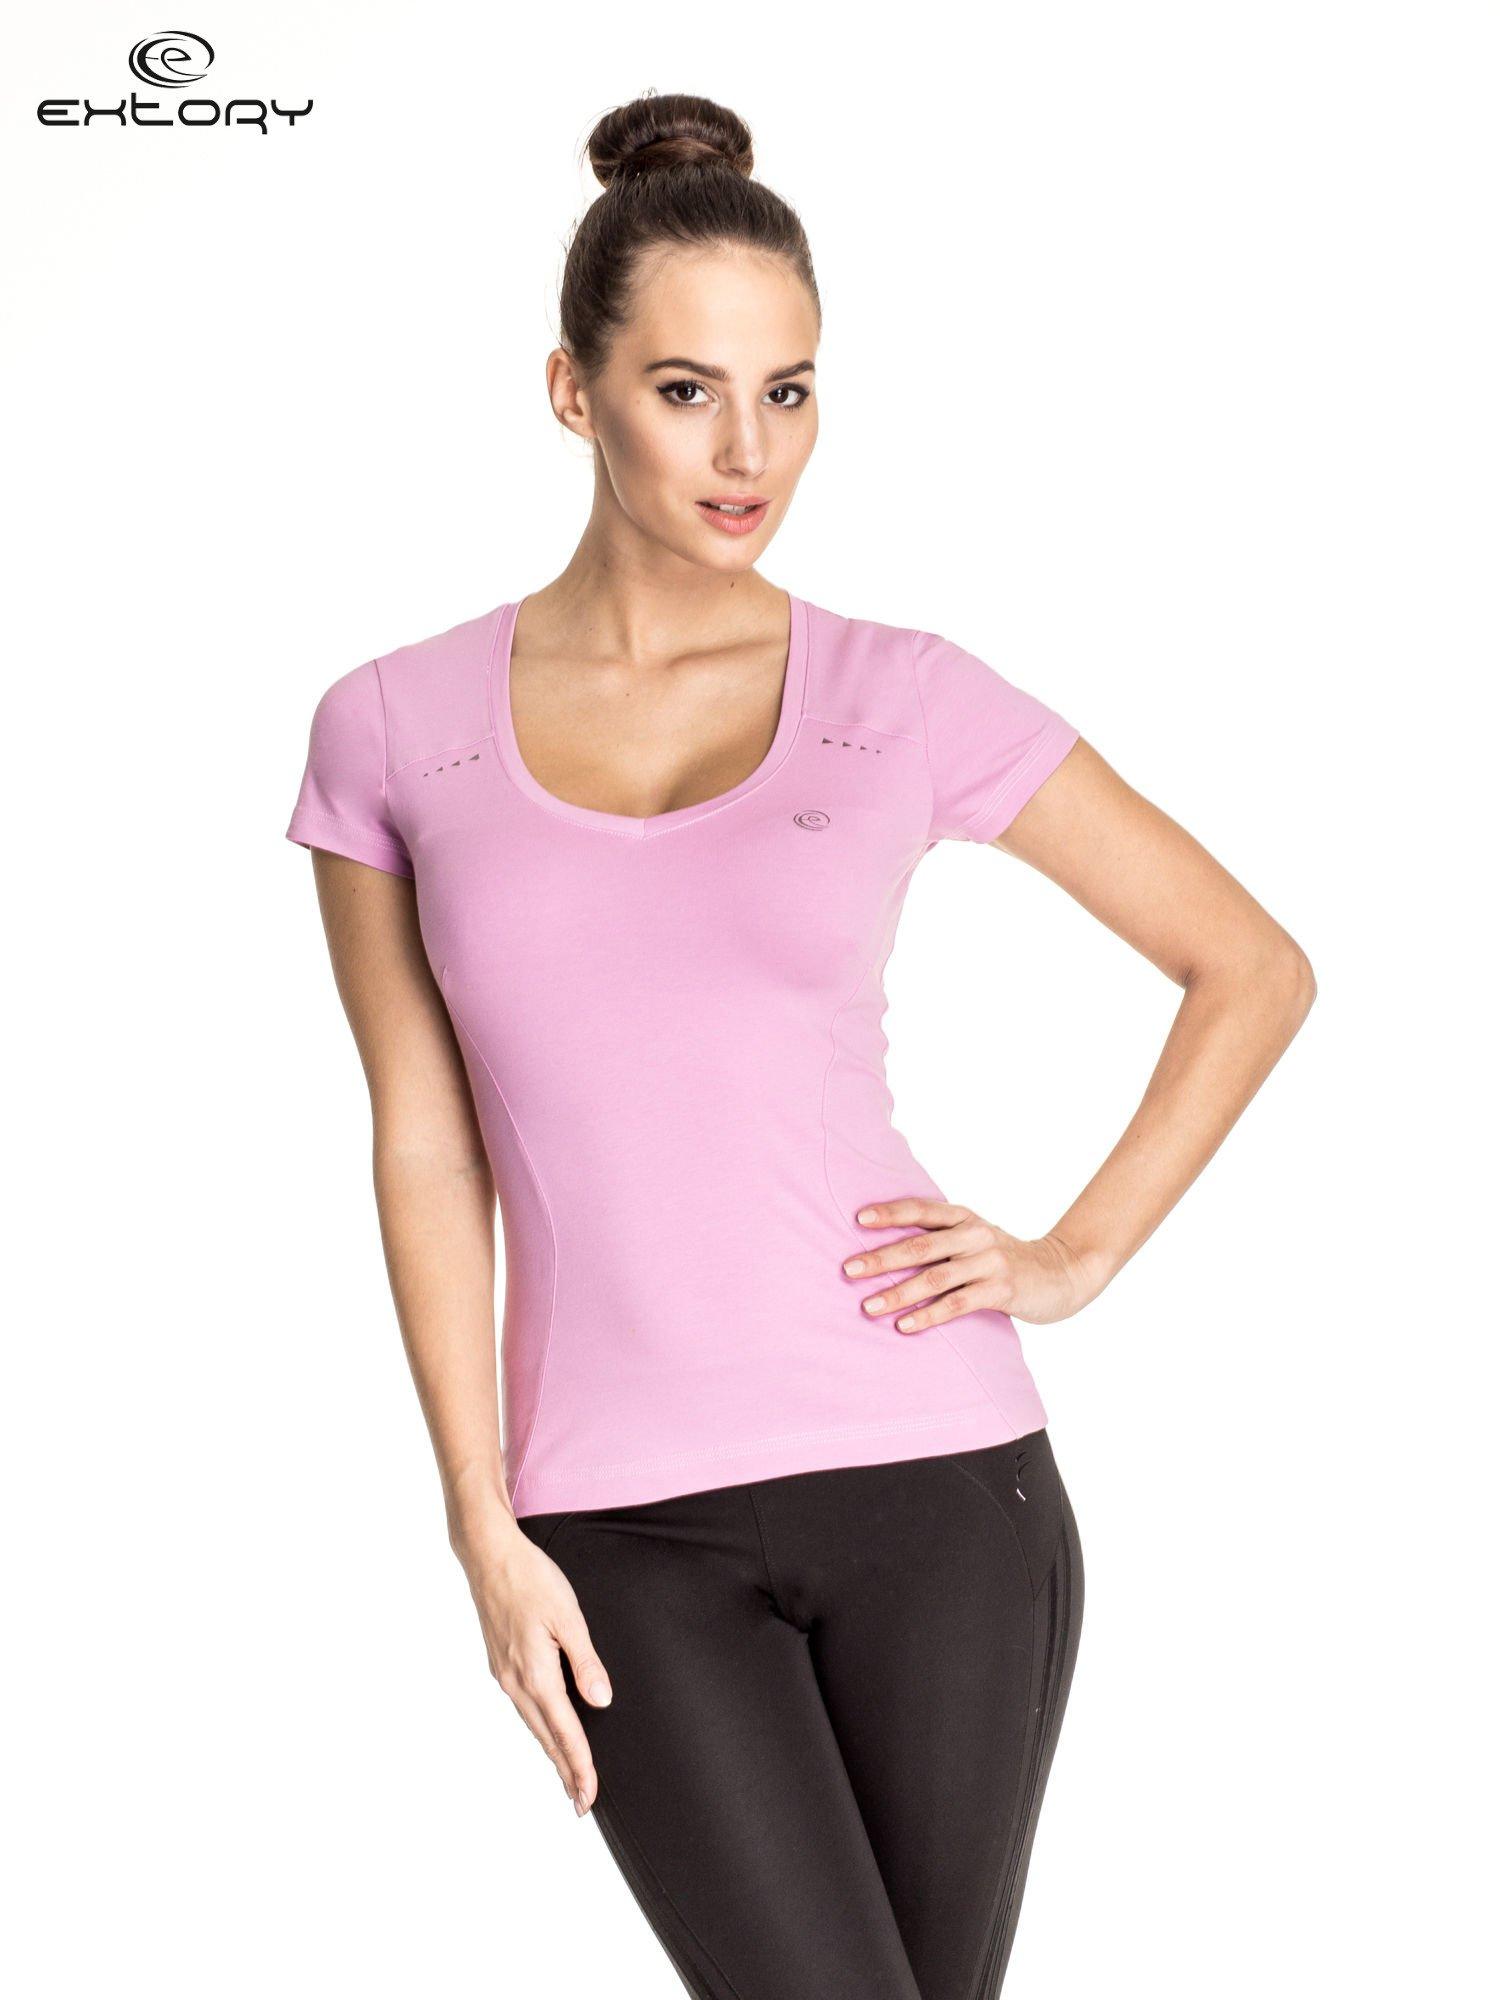 Jasnofioletowy damski t-shirt sportowy z przeszyciami                                  zdj.                                  1